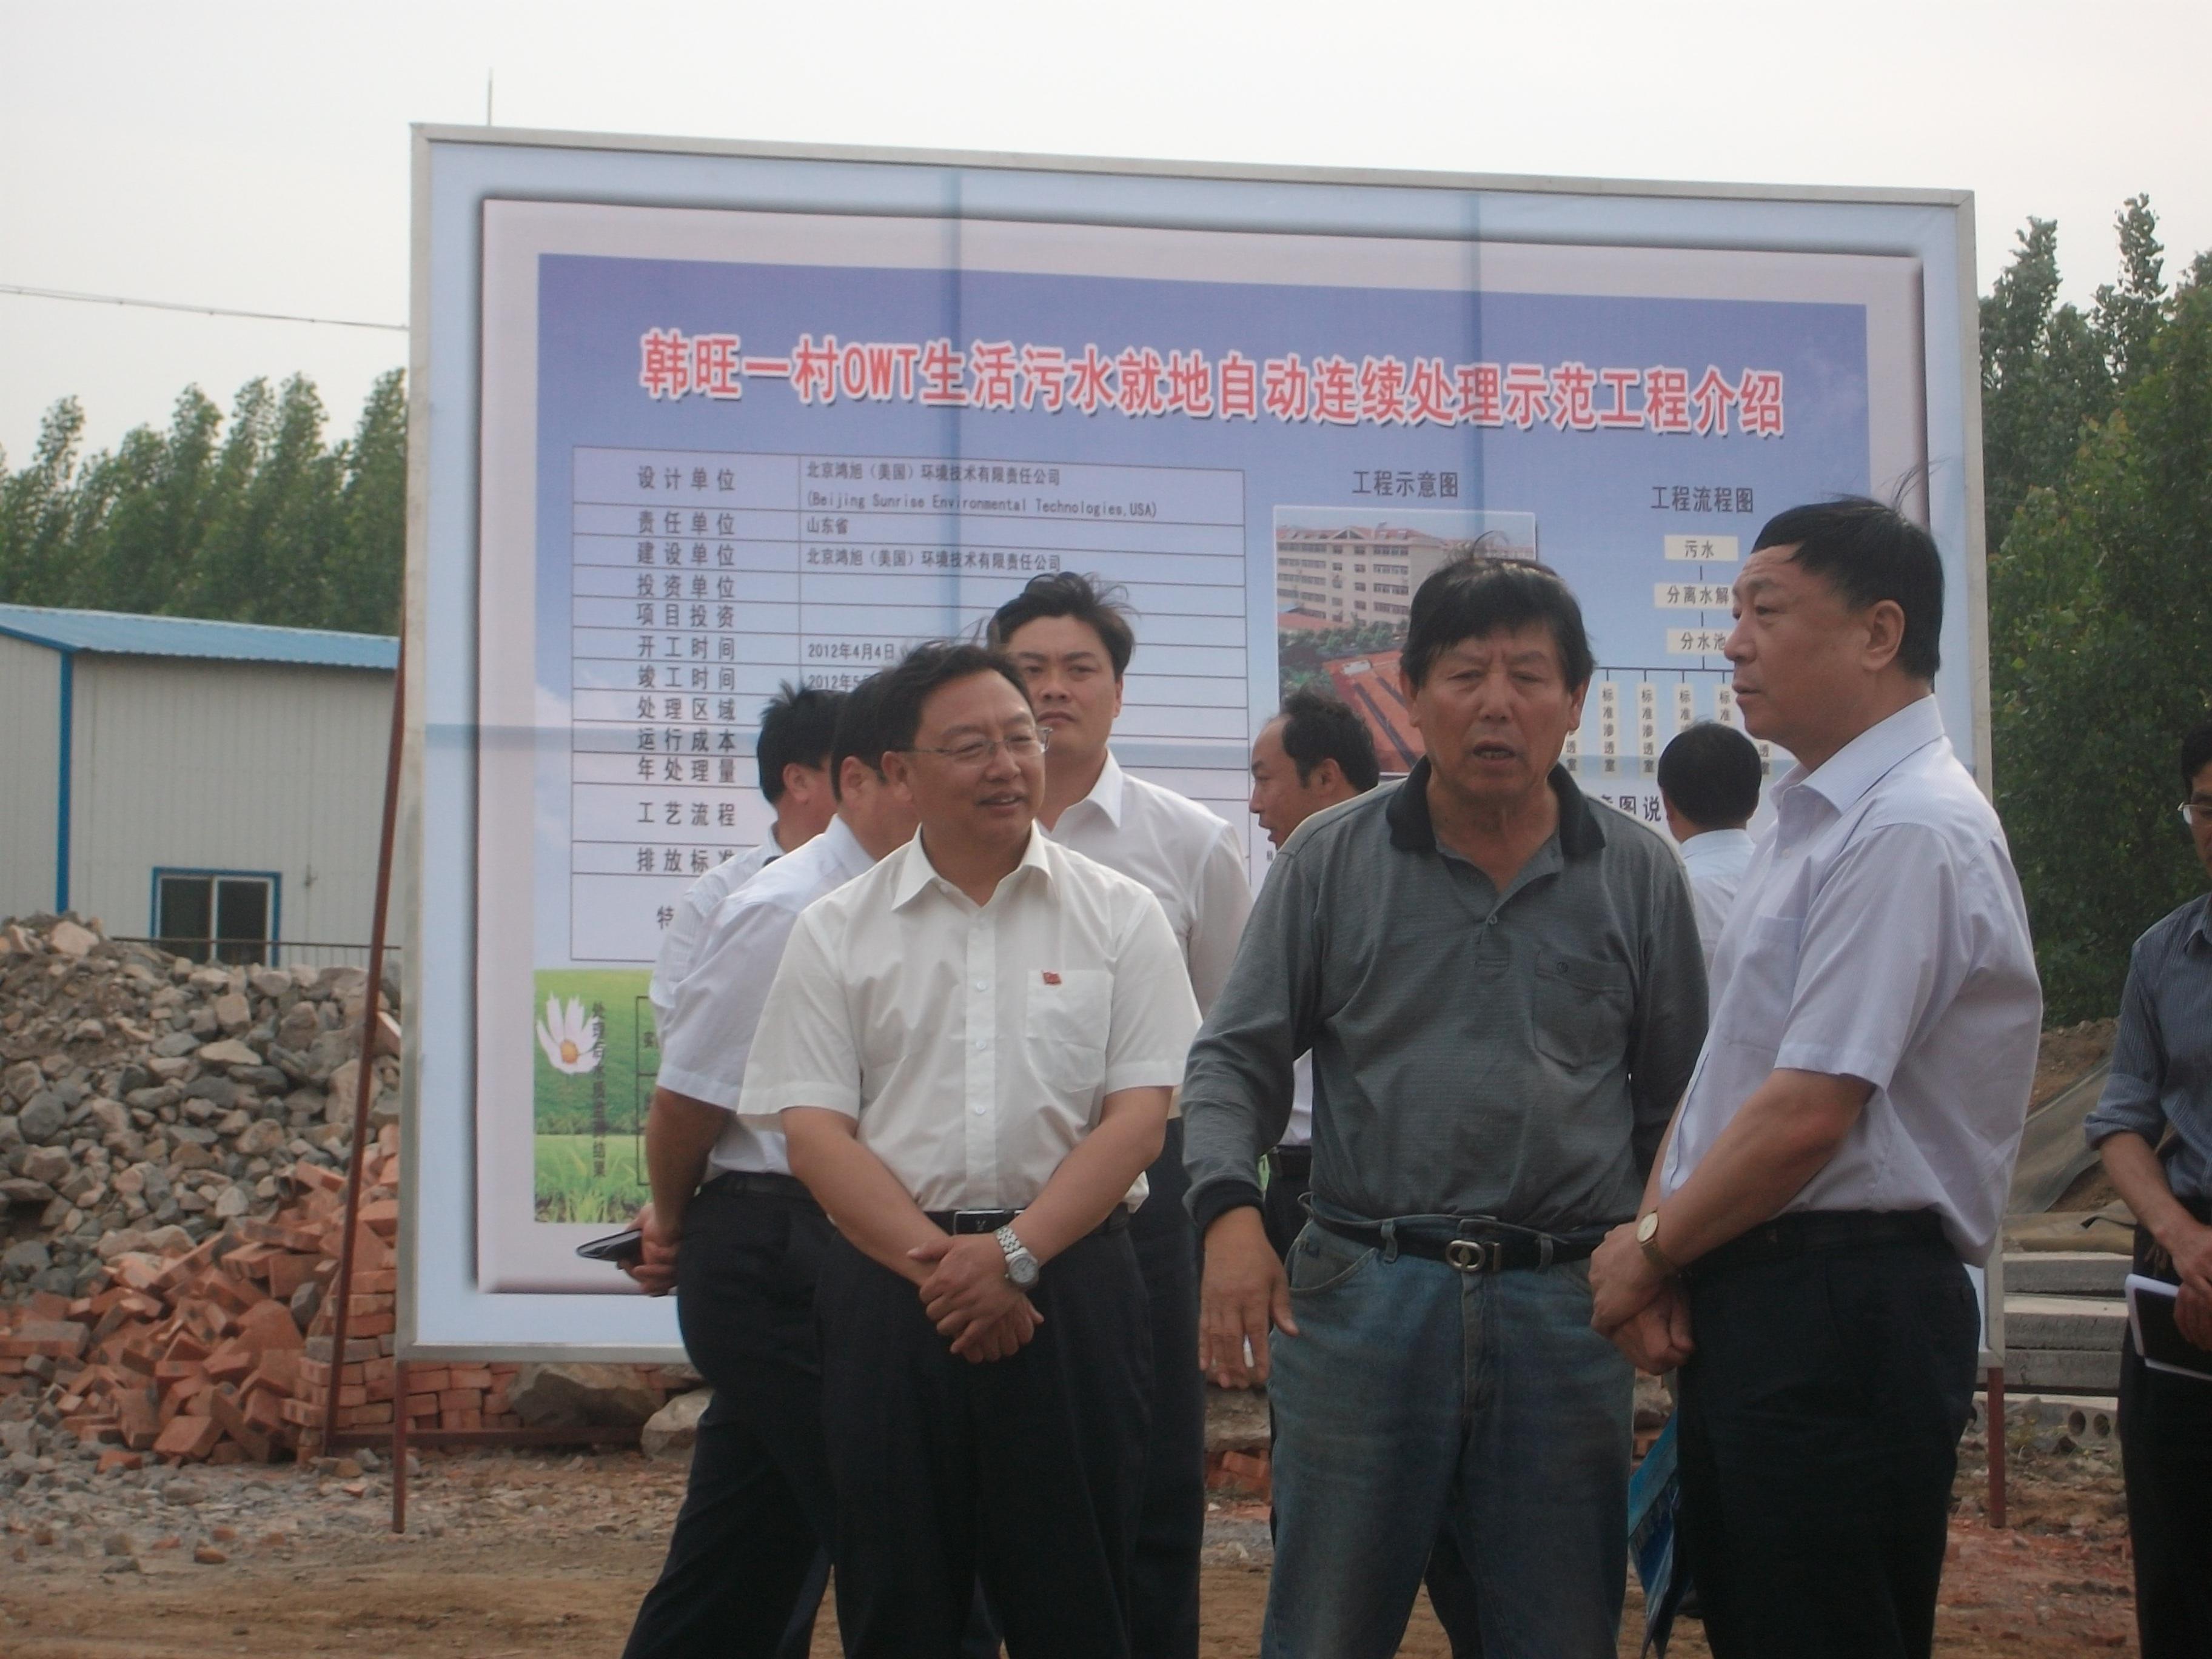 山东环保厅领导视察OWT污水处理工程